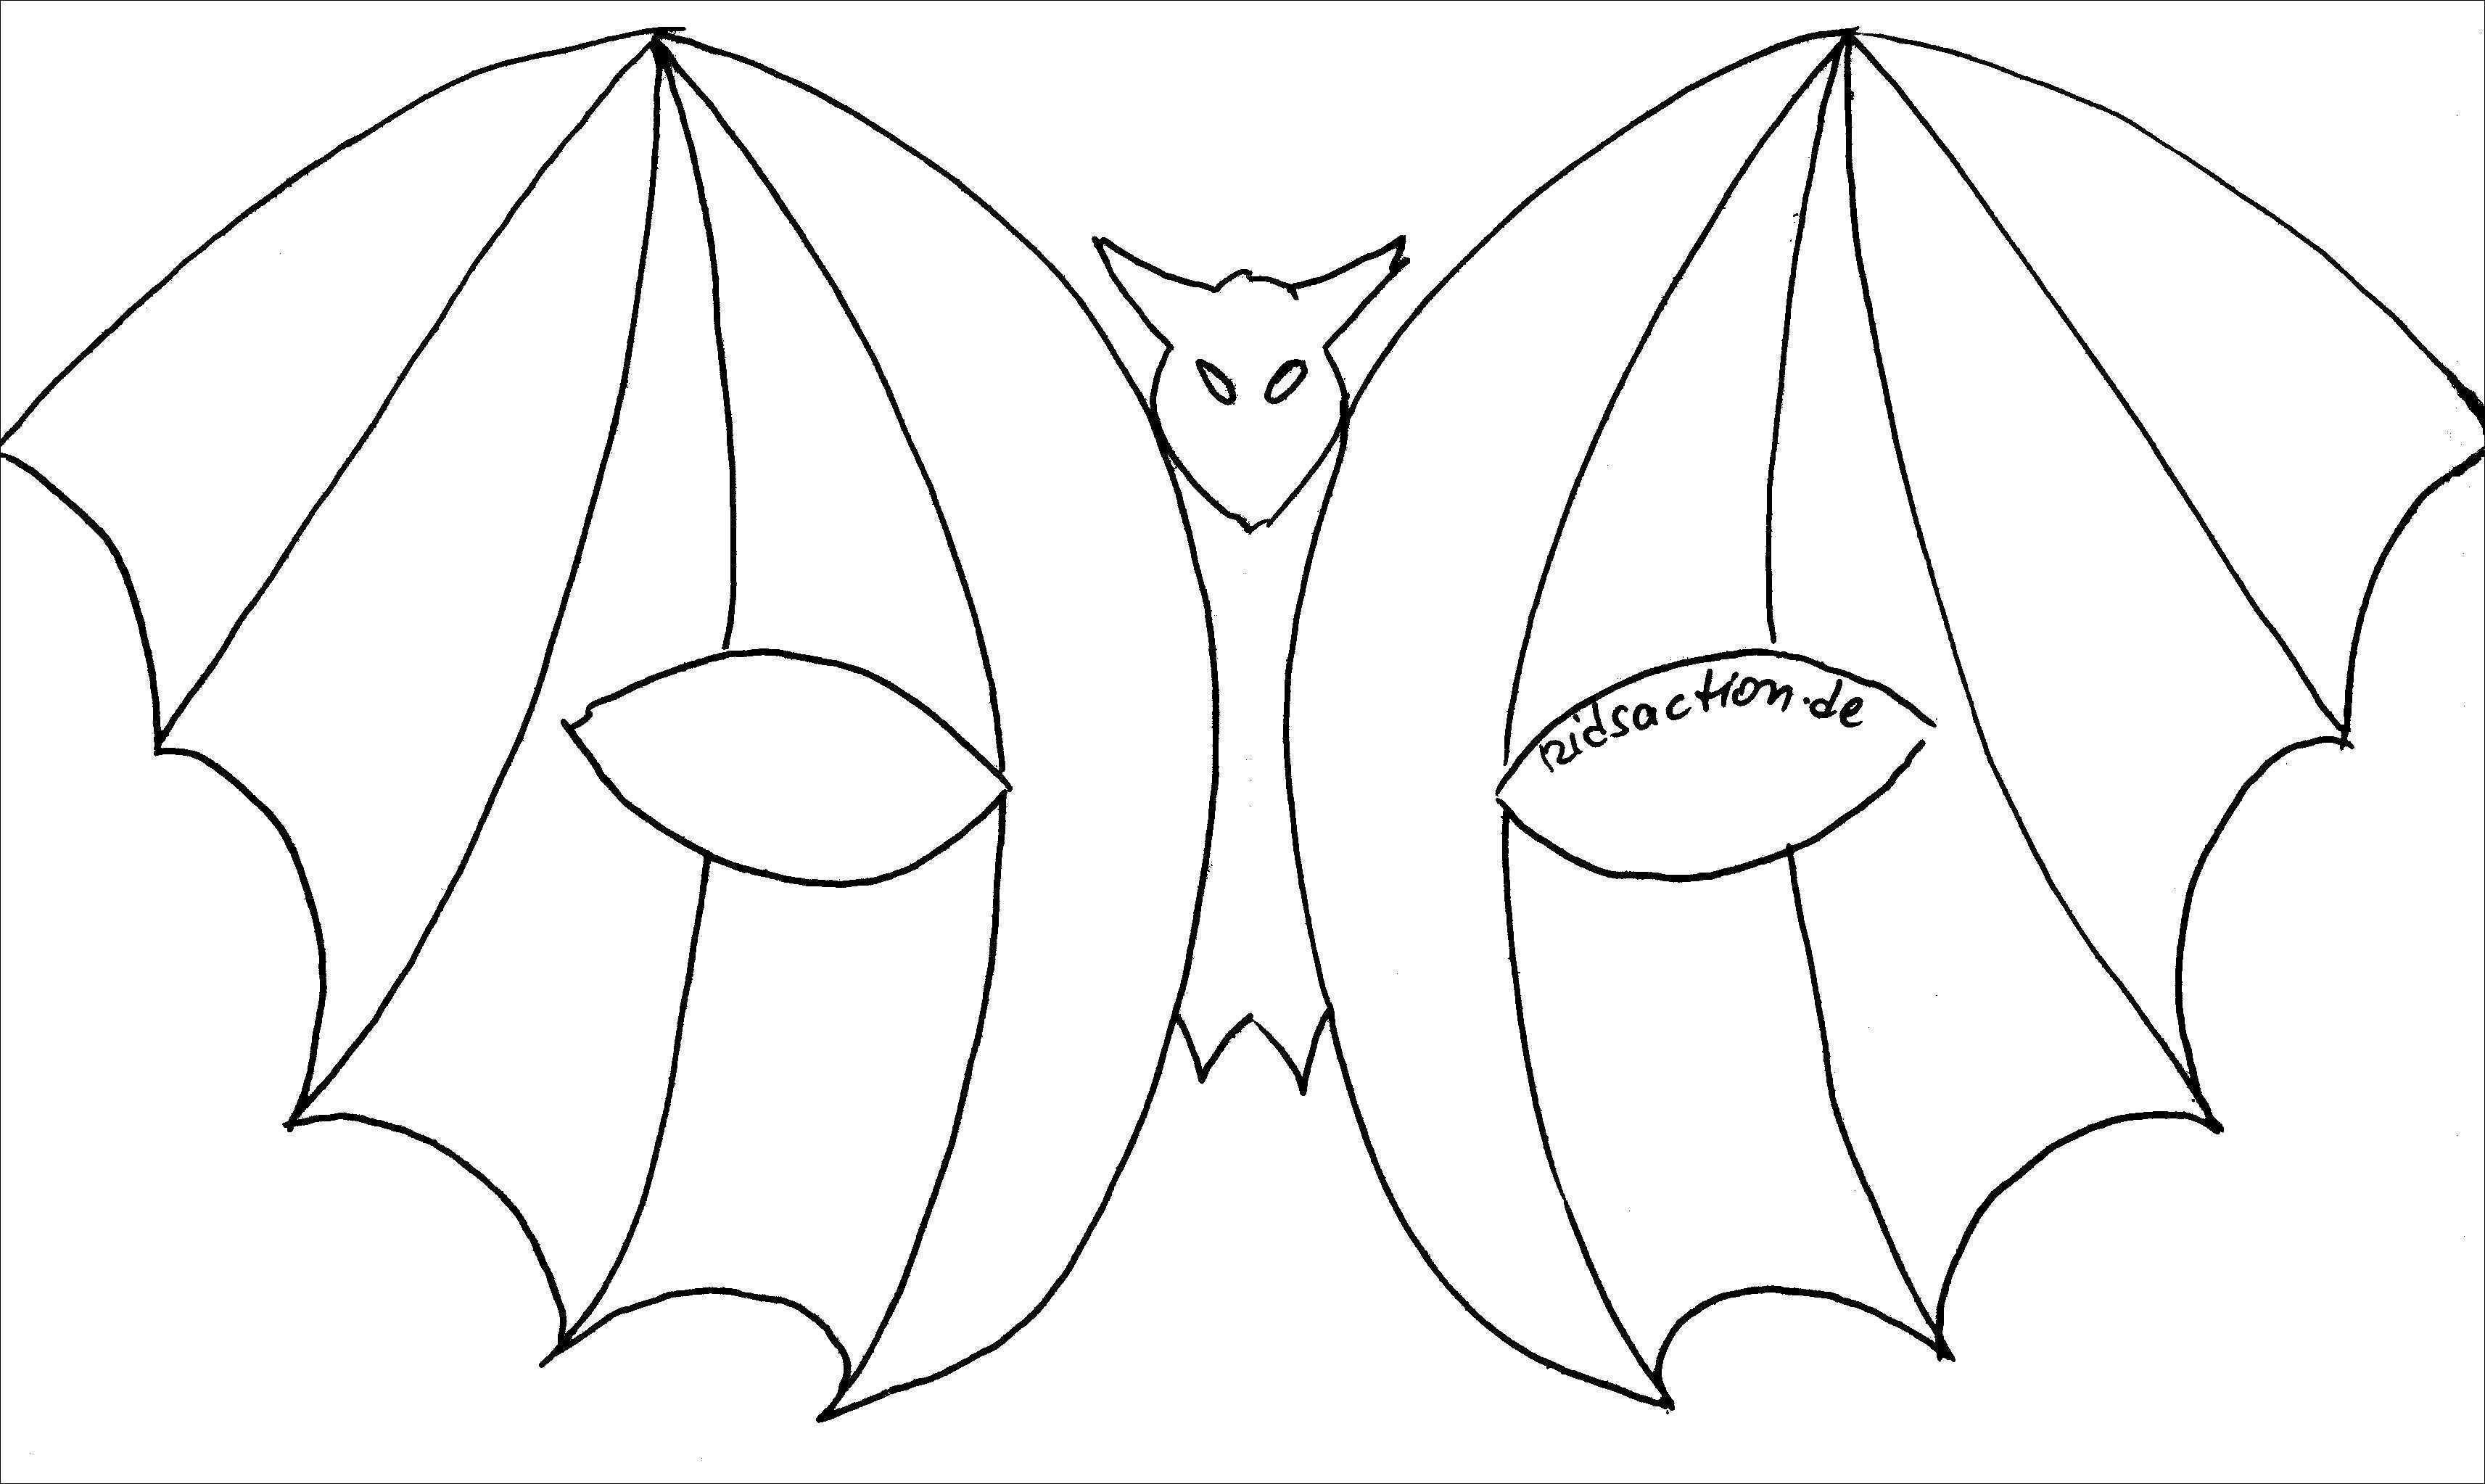 Ausmalbilder Dinosaurier Rex Genial T Rex Ausmalbilder Bild Halloween Malvorlagen Fledermaus Neu Bilder